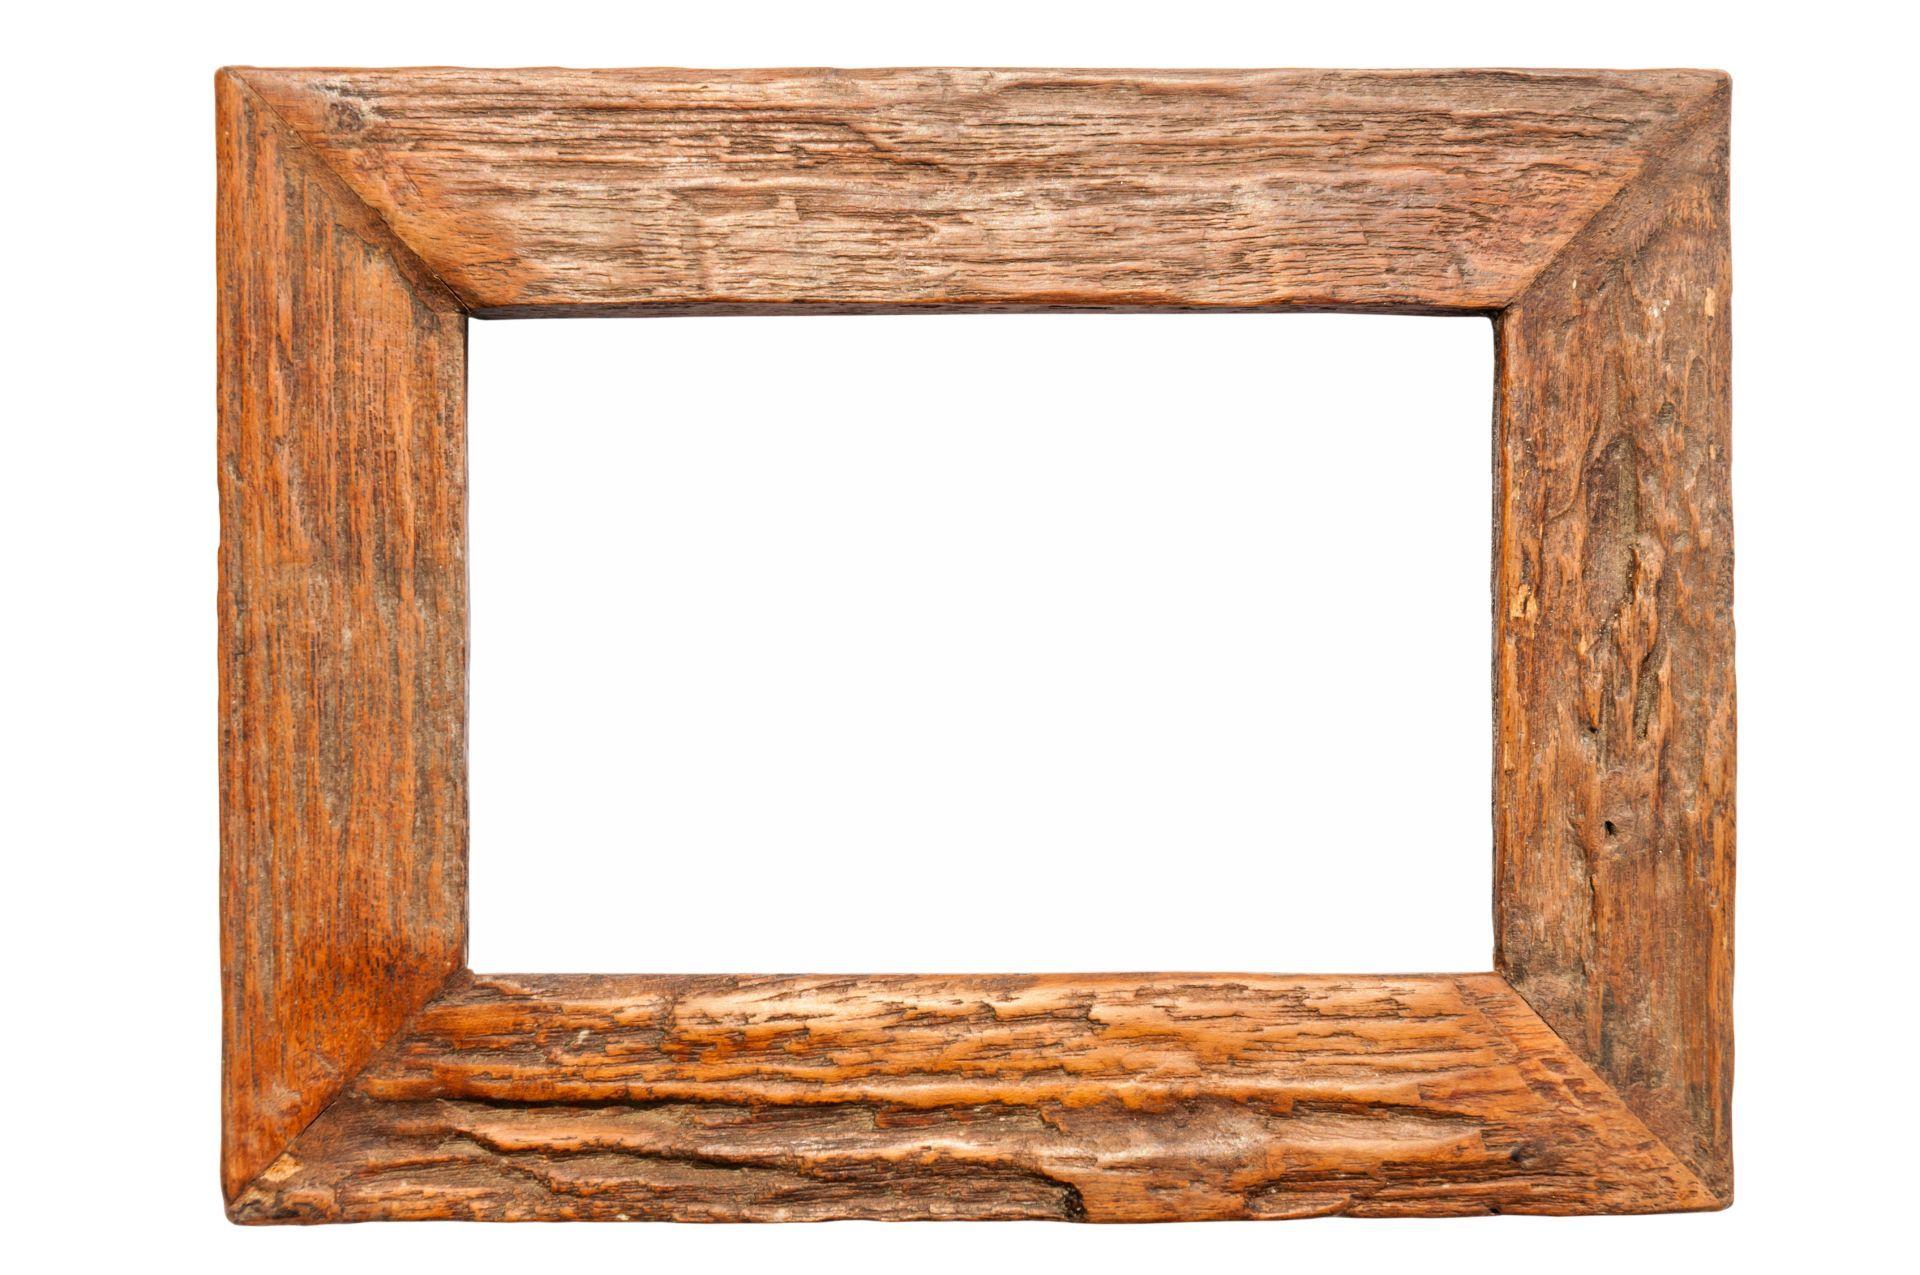 tipps zum basteln sch ner bilderrahmen fotogestaltung deko tipps pinterest. Black Bedroom Furniture Sets. Home Design Ideas